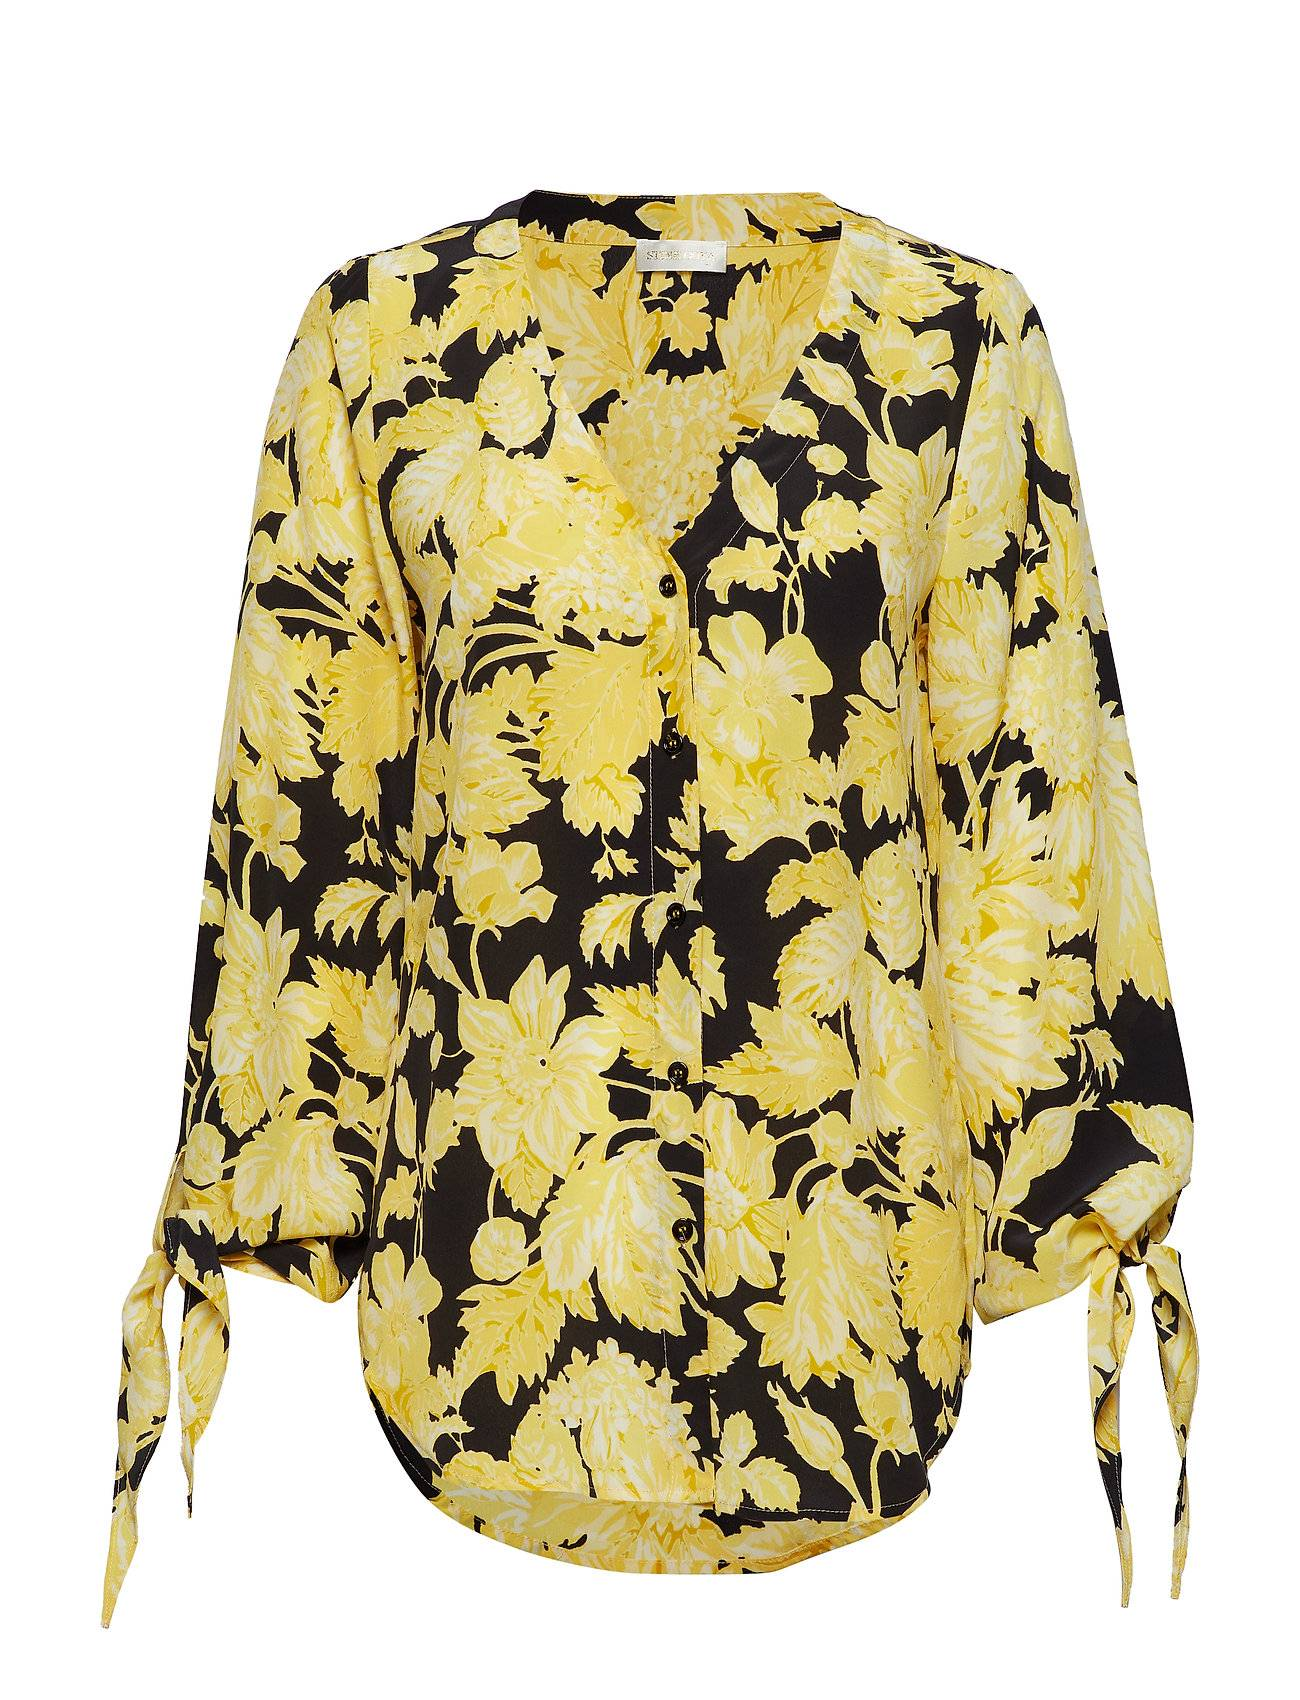 STINE GOYA Kimberly, 517 Hortensia Silk